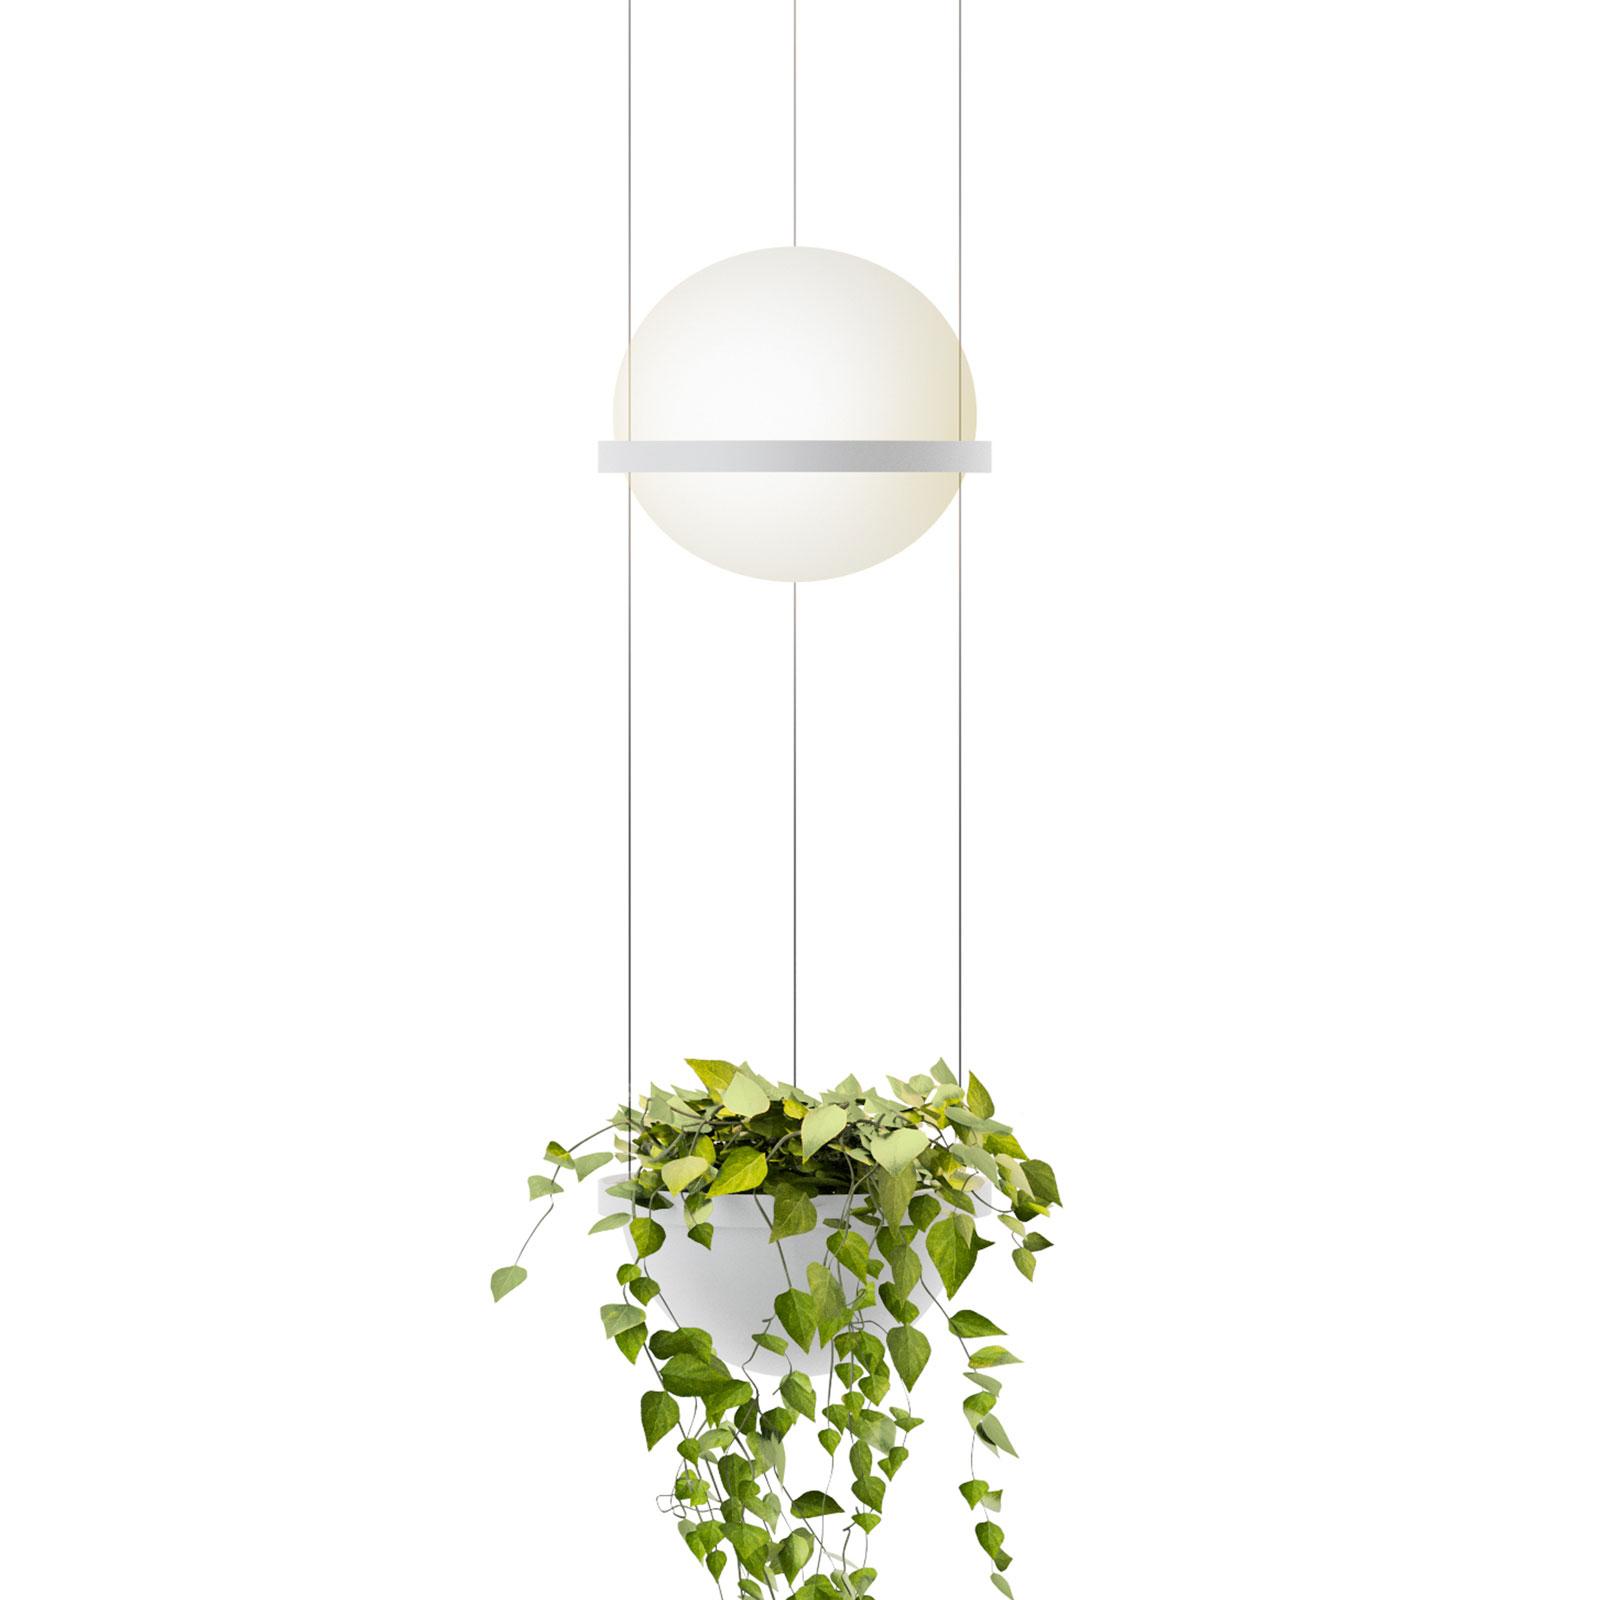 Vibia Palma 3724 riippuvalo kasvinkuori valkoinen